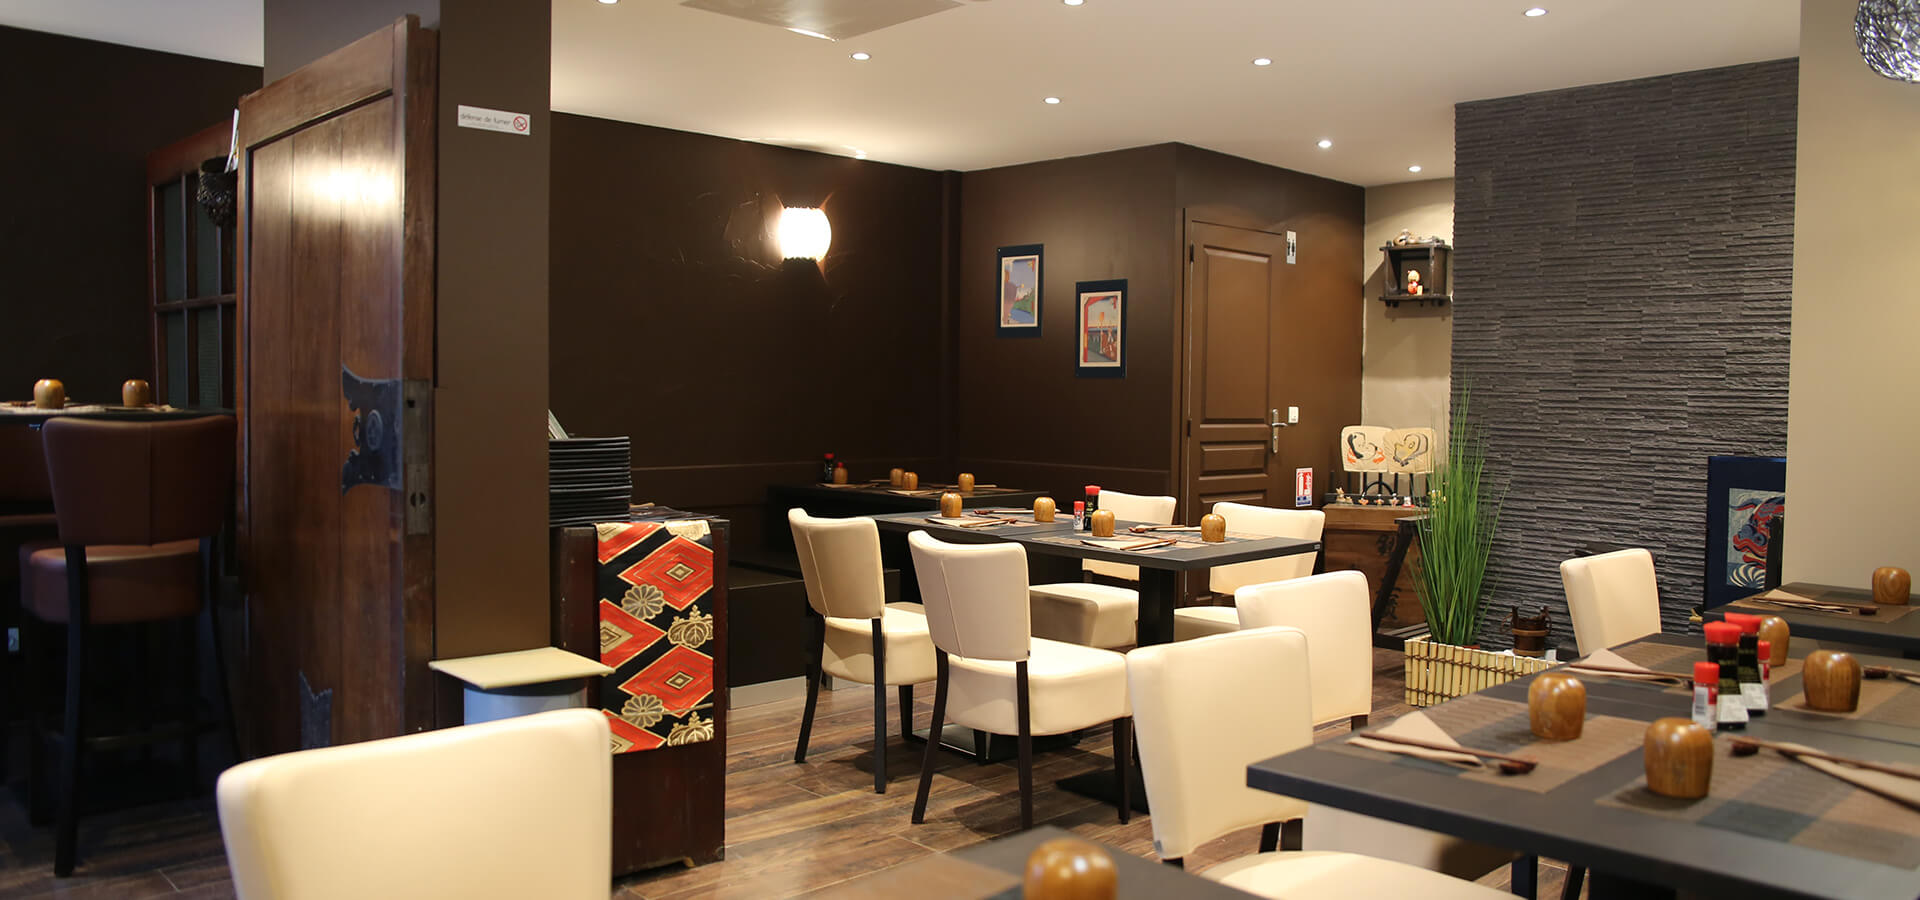 Nouveau restaurant Japonais à Lyon 8e - le Momotaro restaurant vous accueille